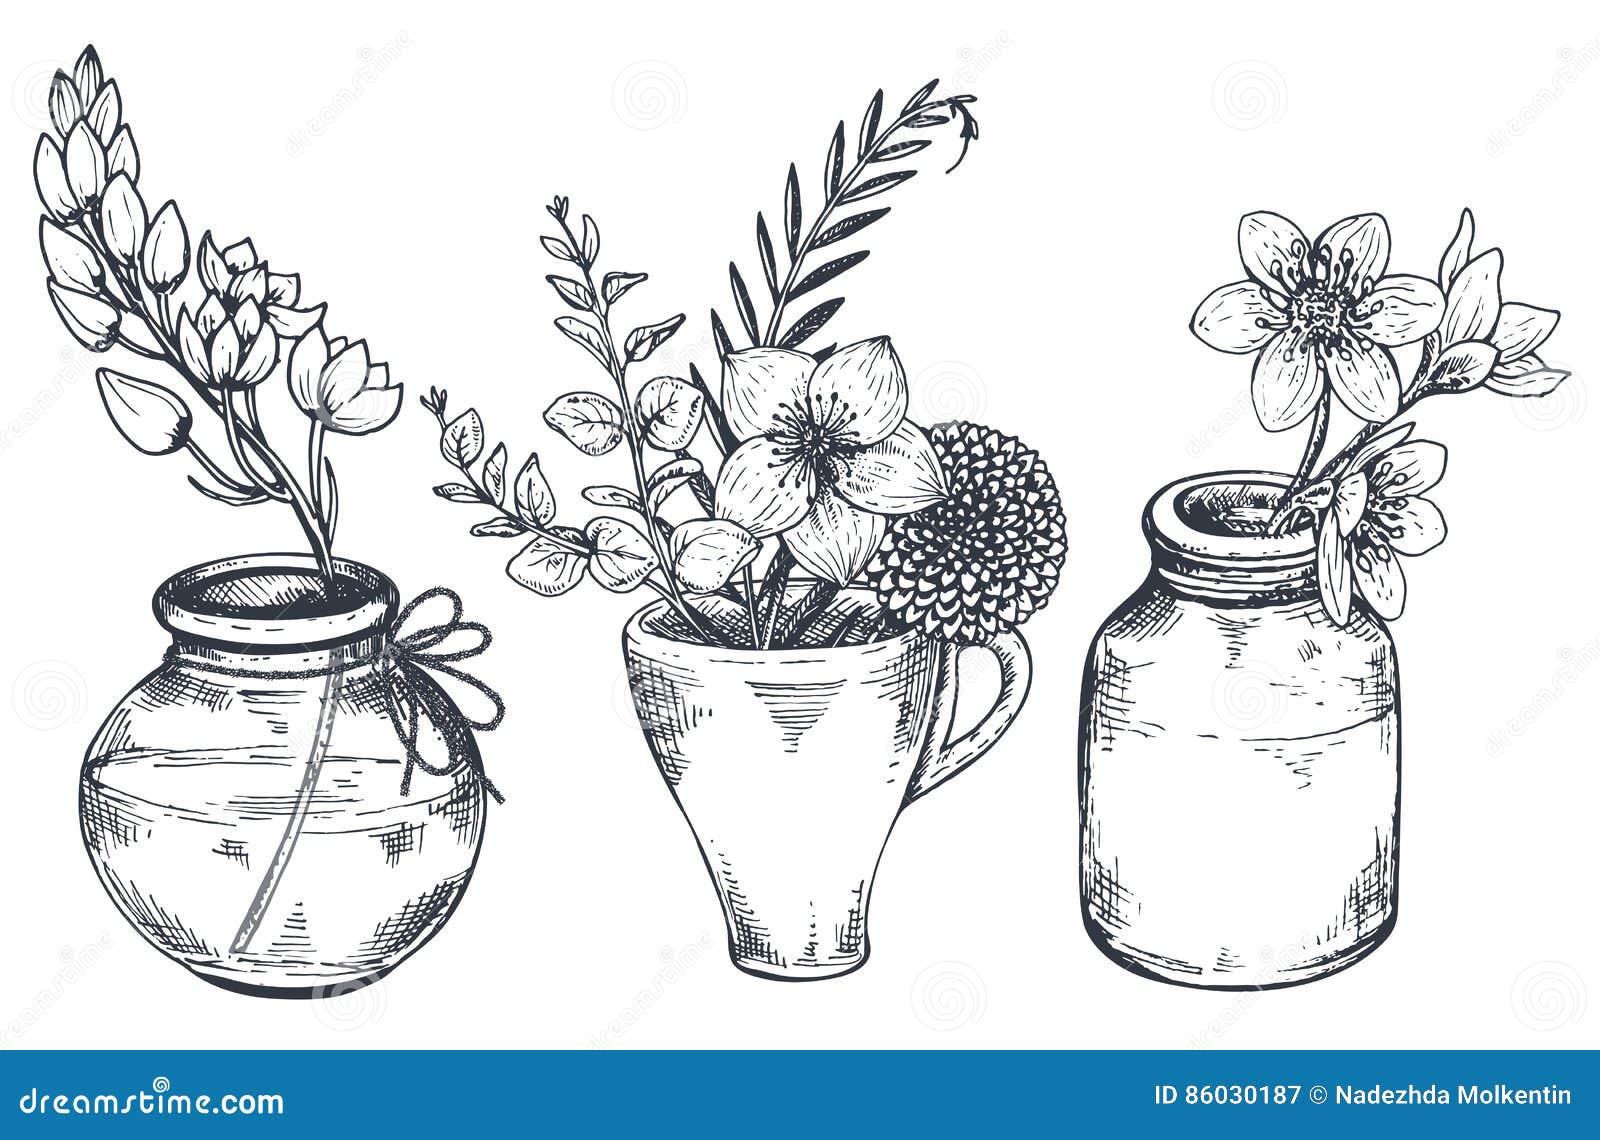 Boeketten met hand getrokken bloemen en installaties in vazenkruiken